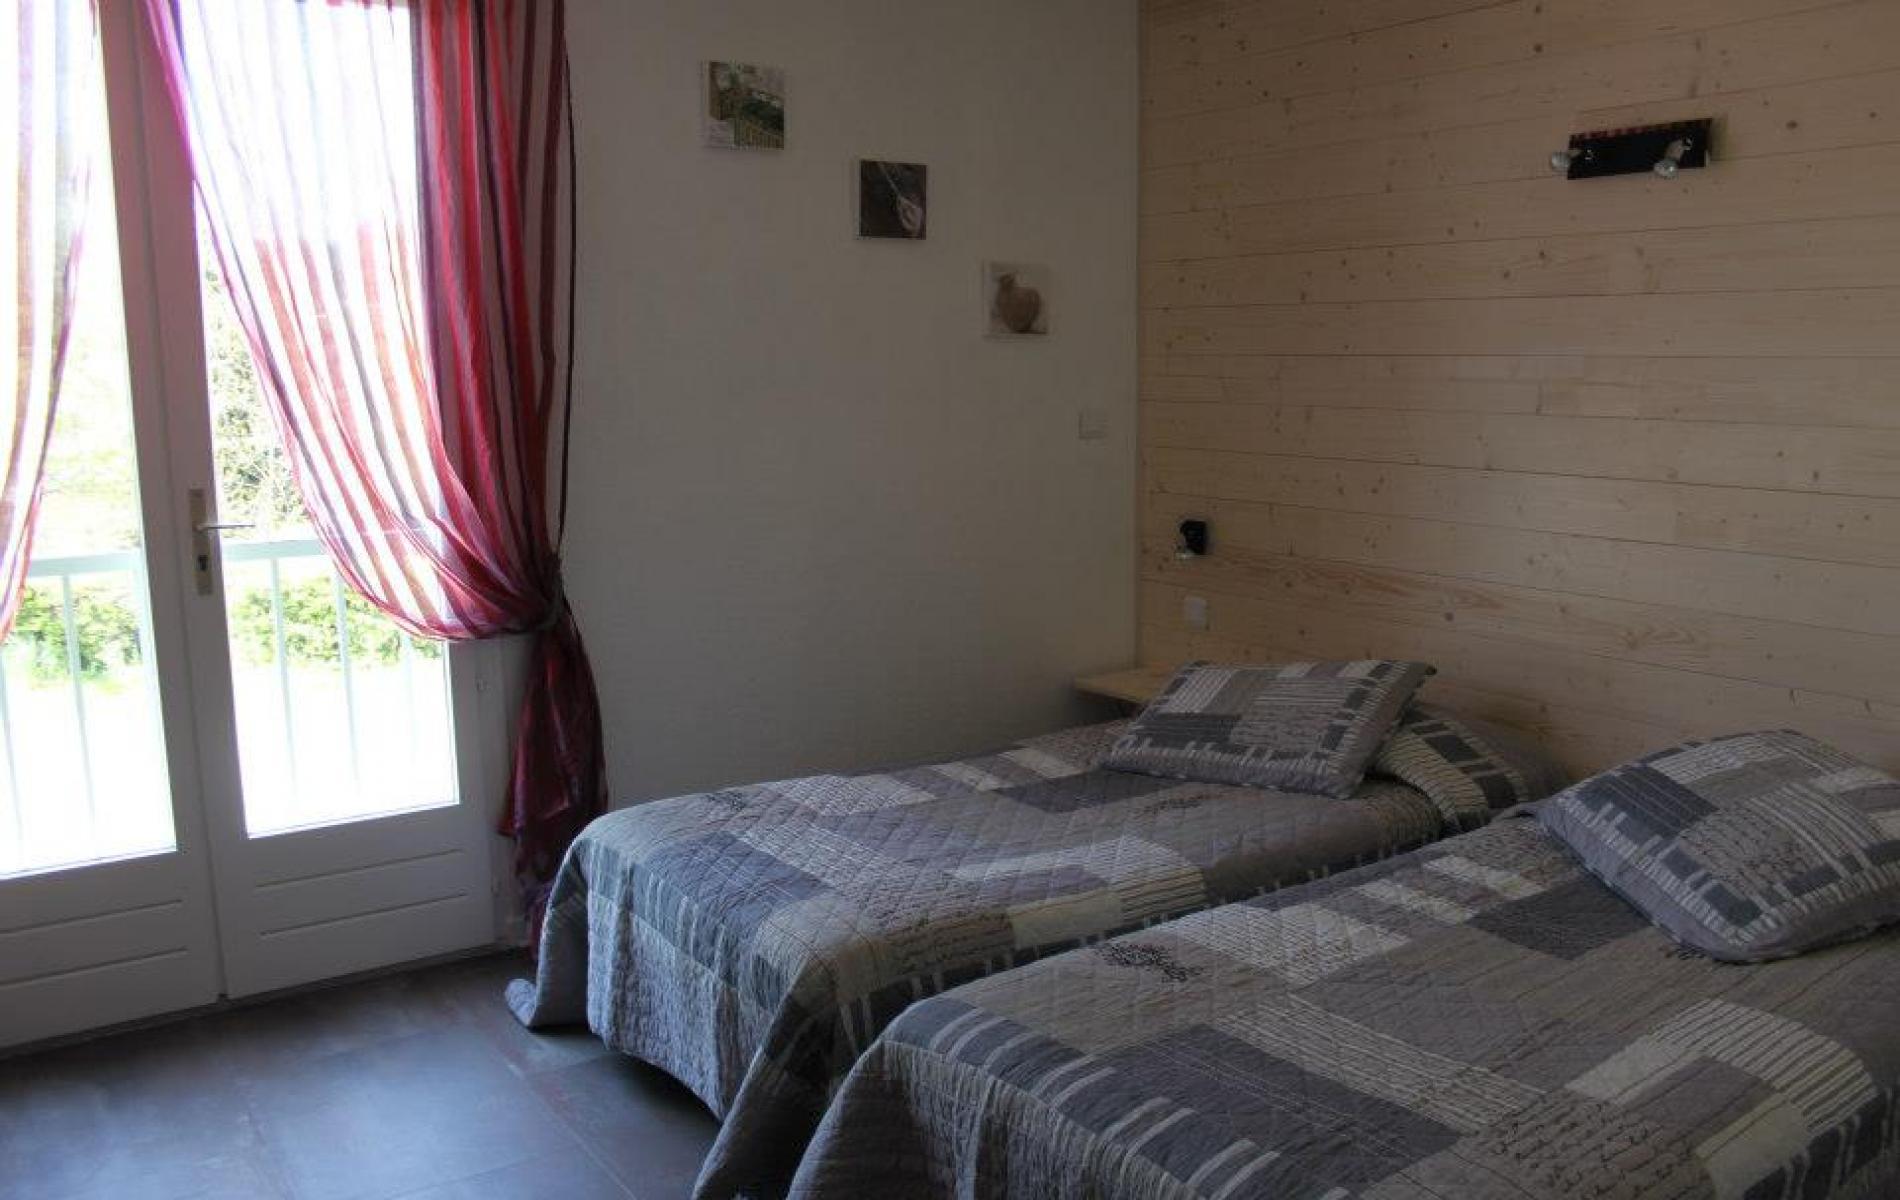 chambres contemporaines hotel mont ventoux mollans sur ouv ze. Black Bedroom Furniture Sets. Home Design Ideas